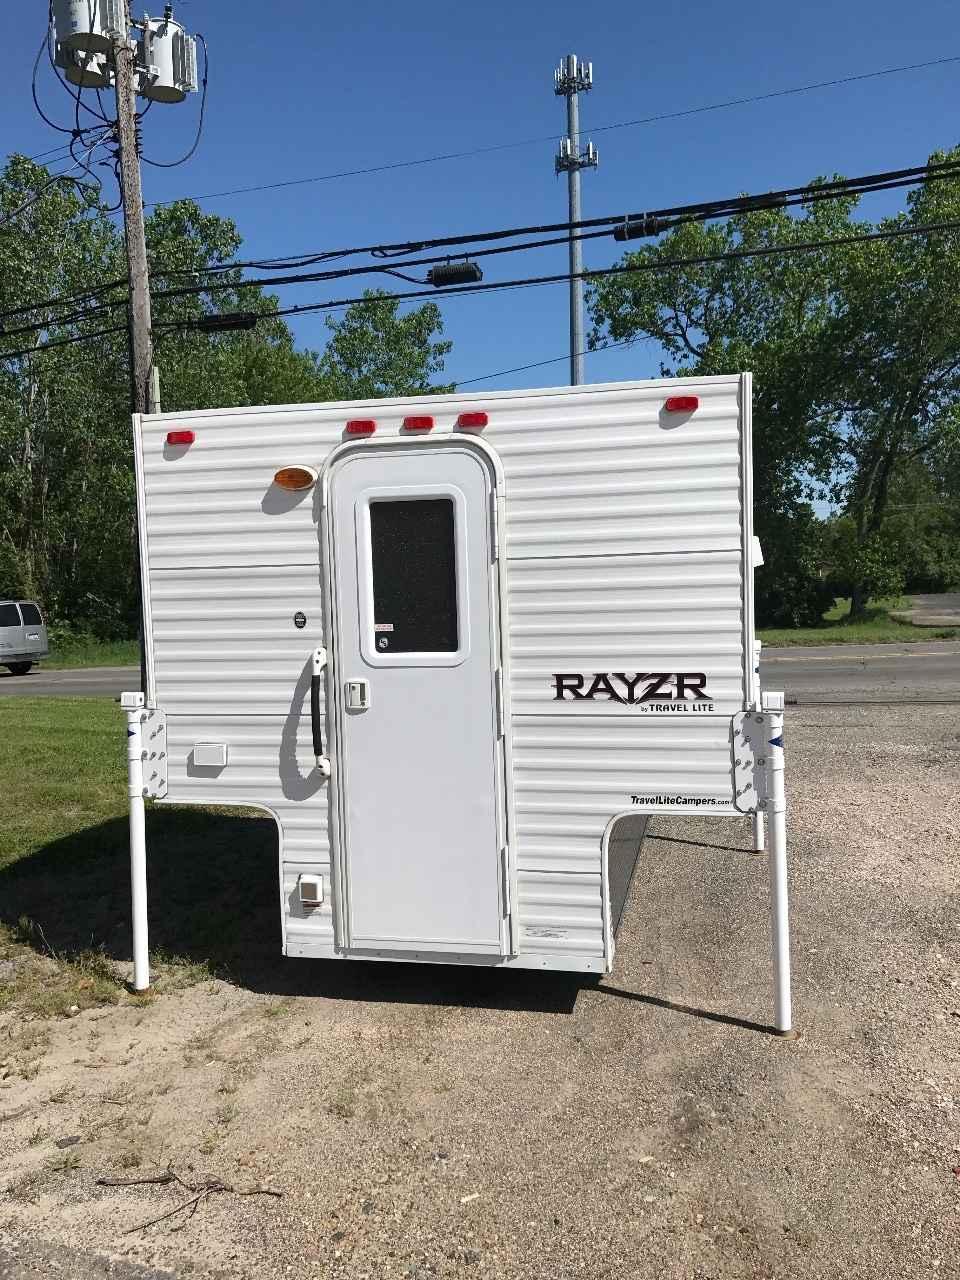 2016 Used Travel Lite Rayzr Truck Camper In Michigan Mi